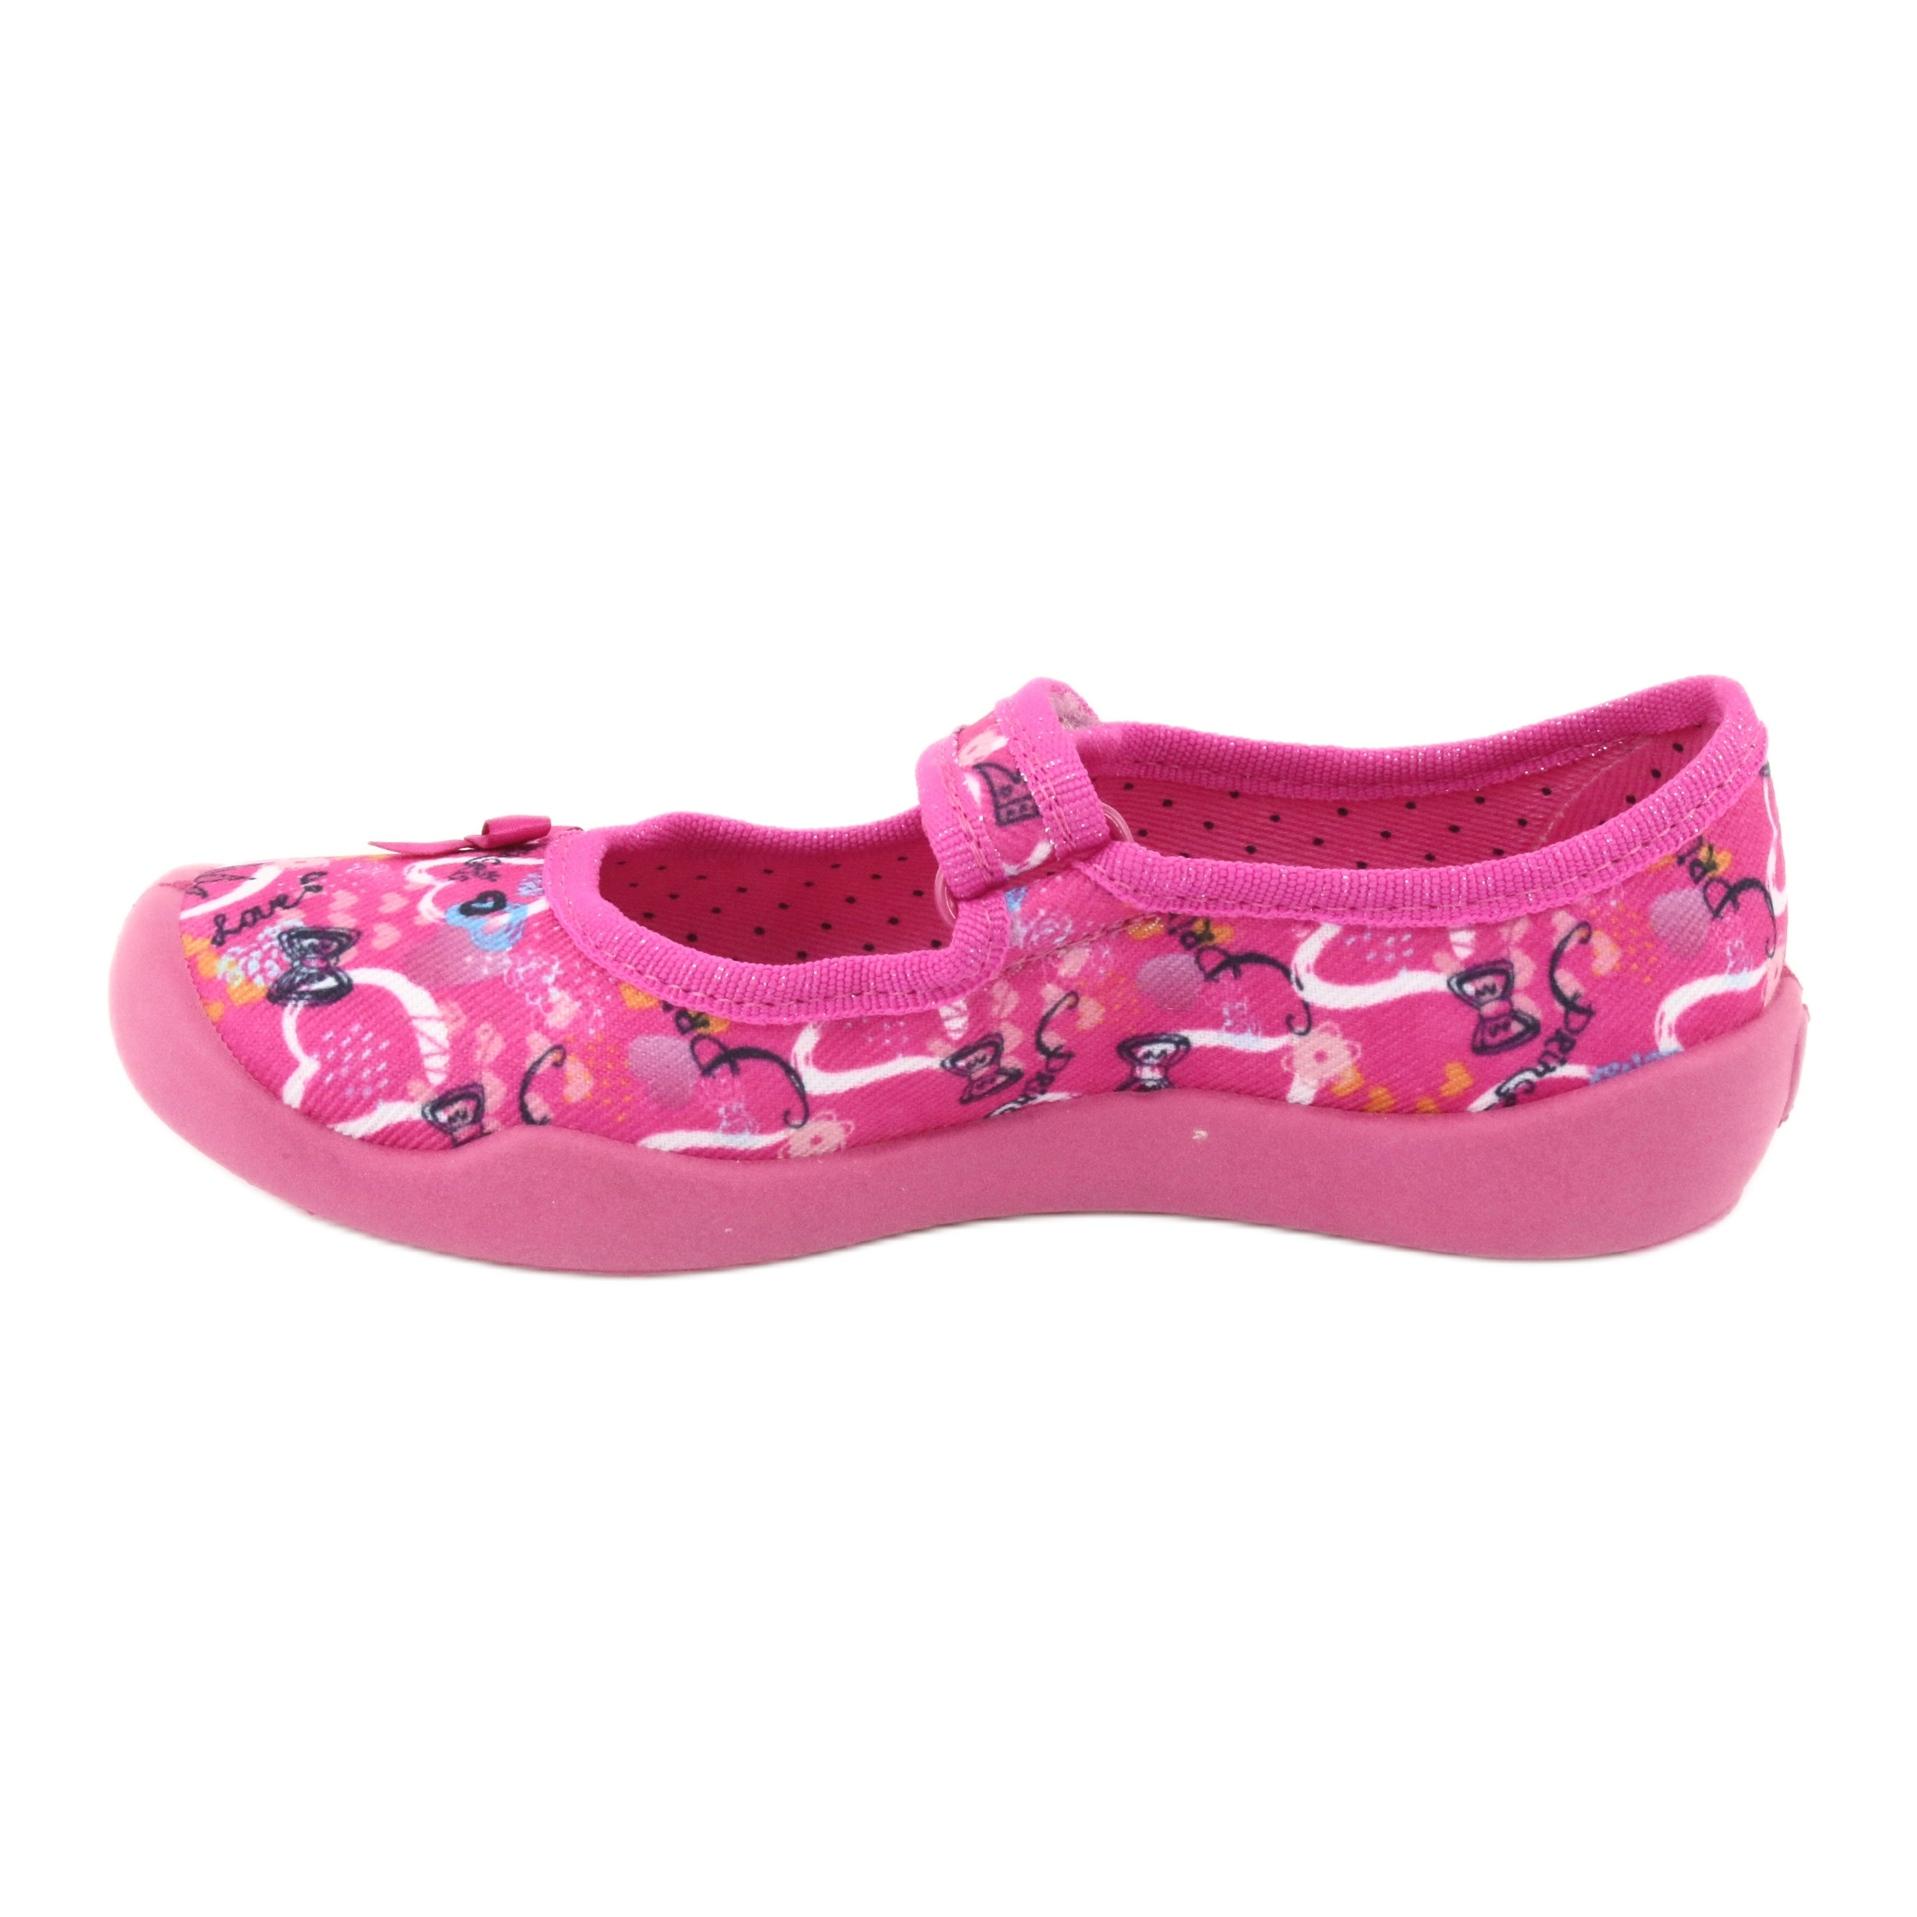 miniatura 3 - Scarpe per bambini Befado 114X358 rosa multicolore